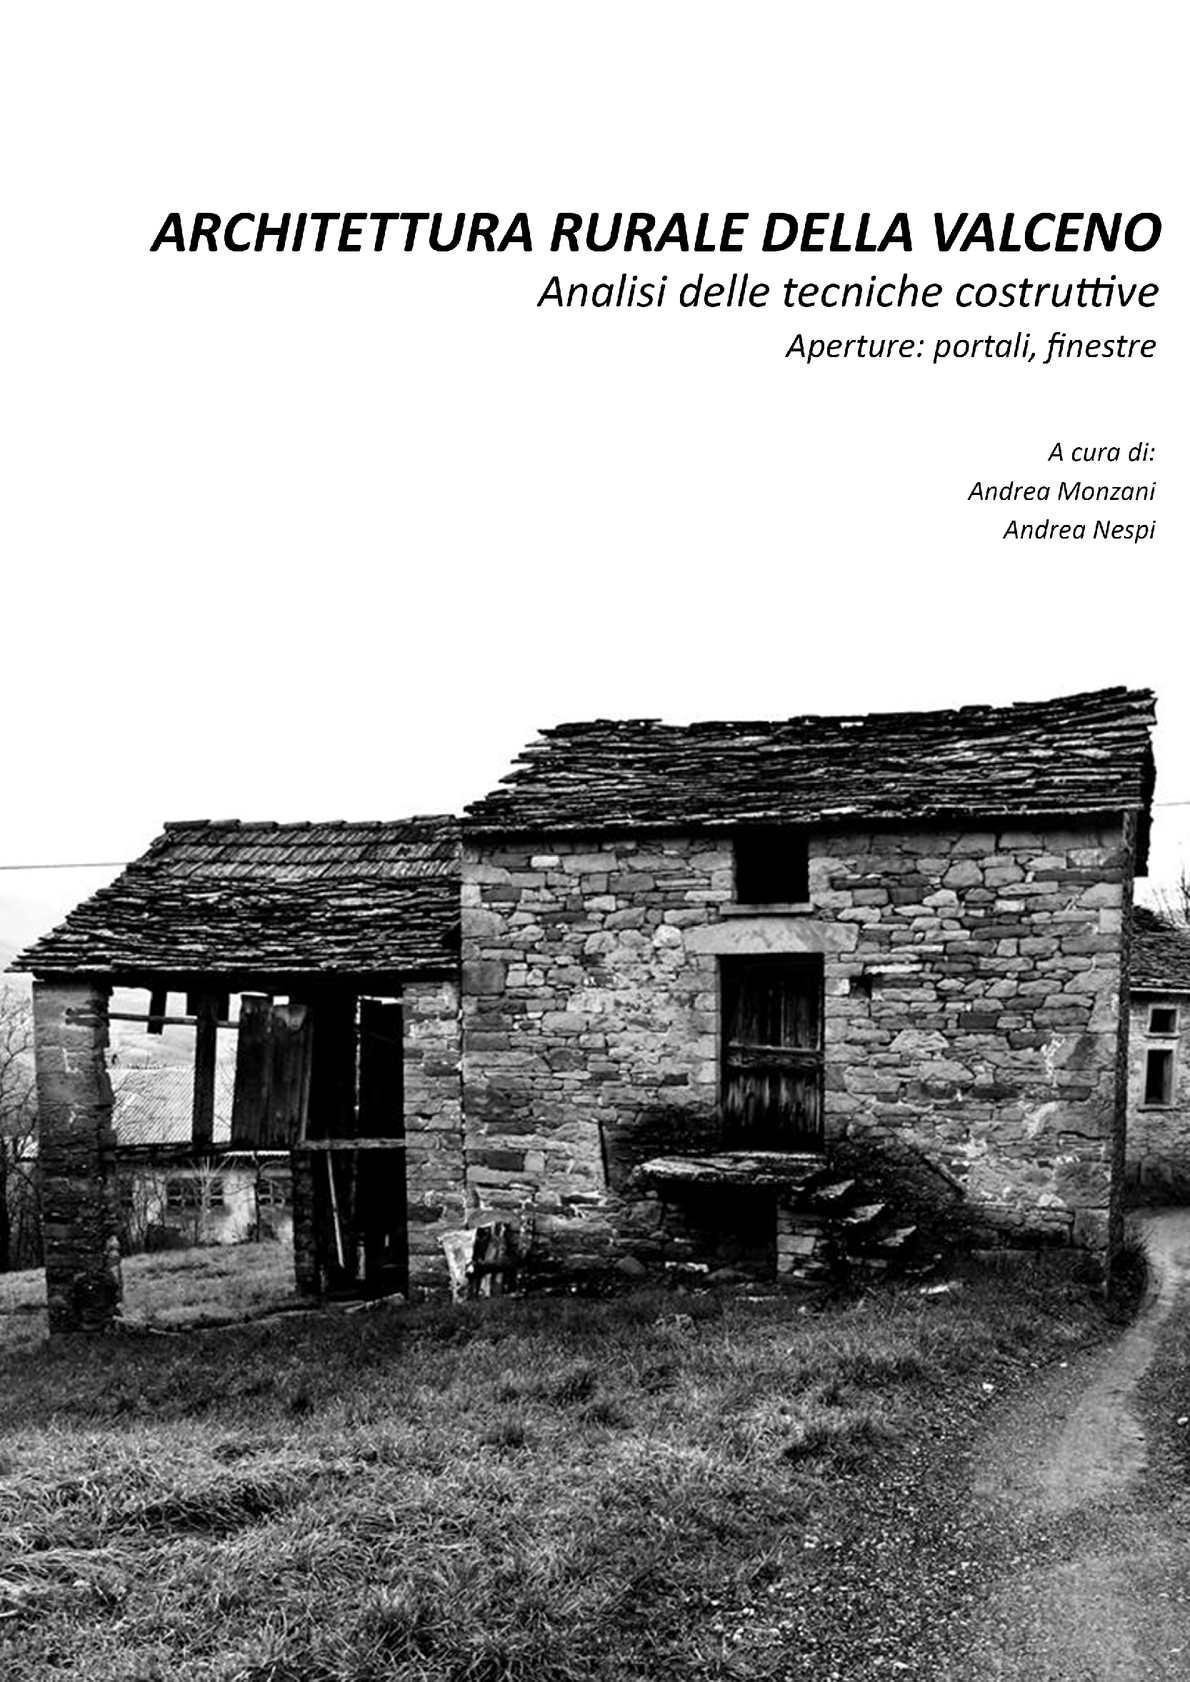 Calamo  Architettura rurale della valceno analisi delle